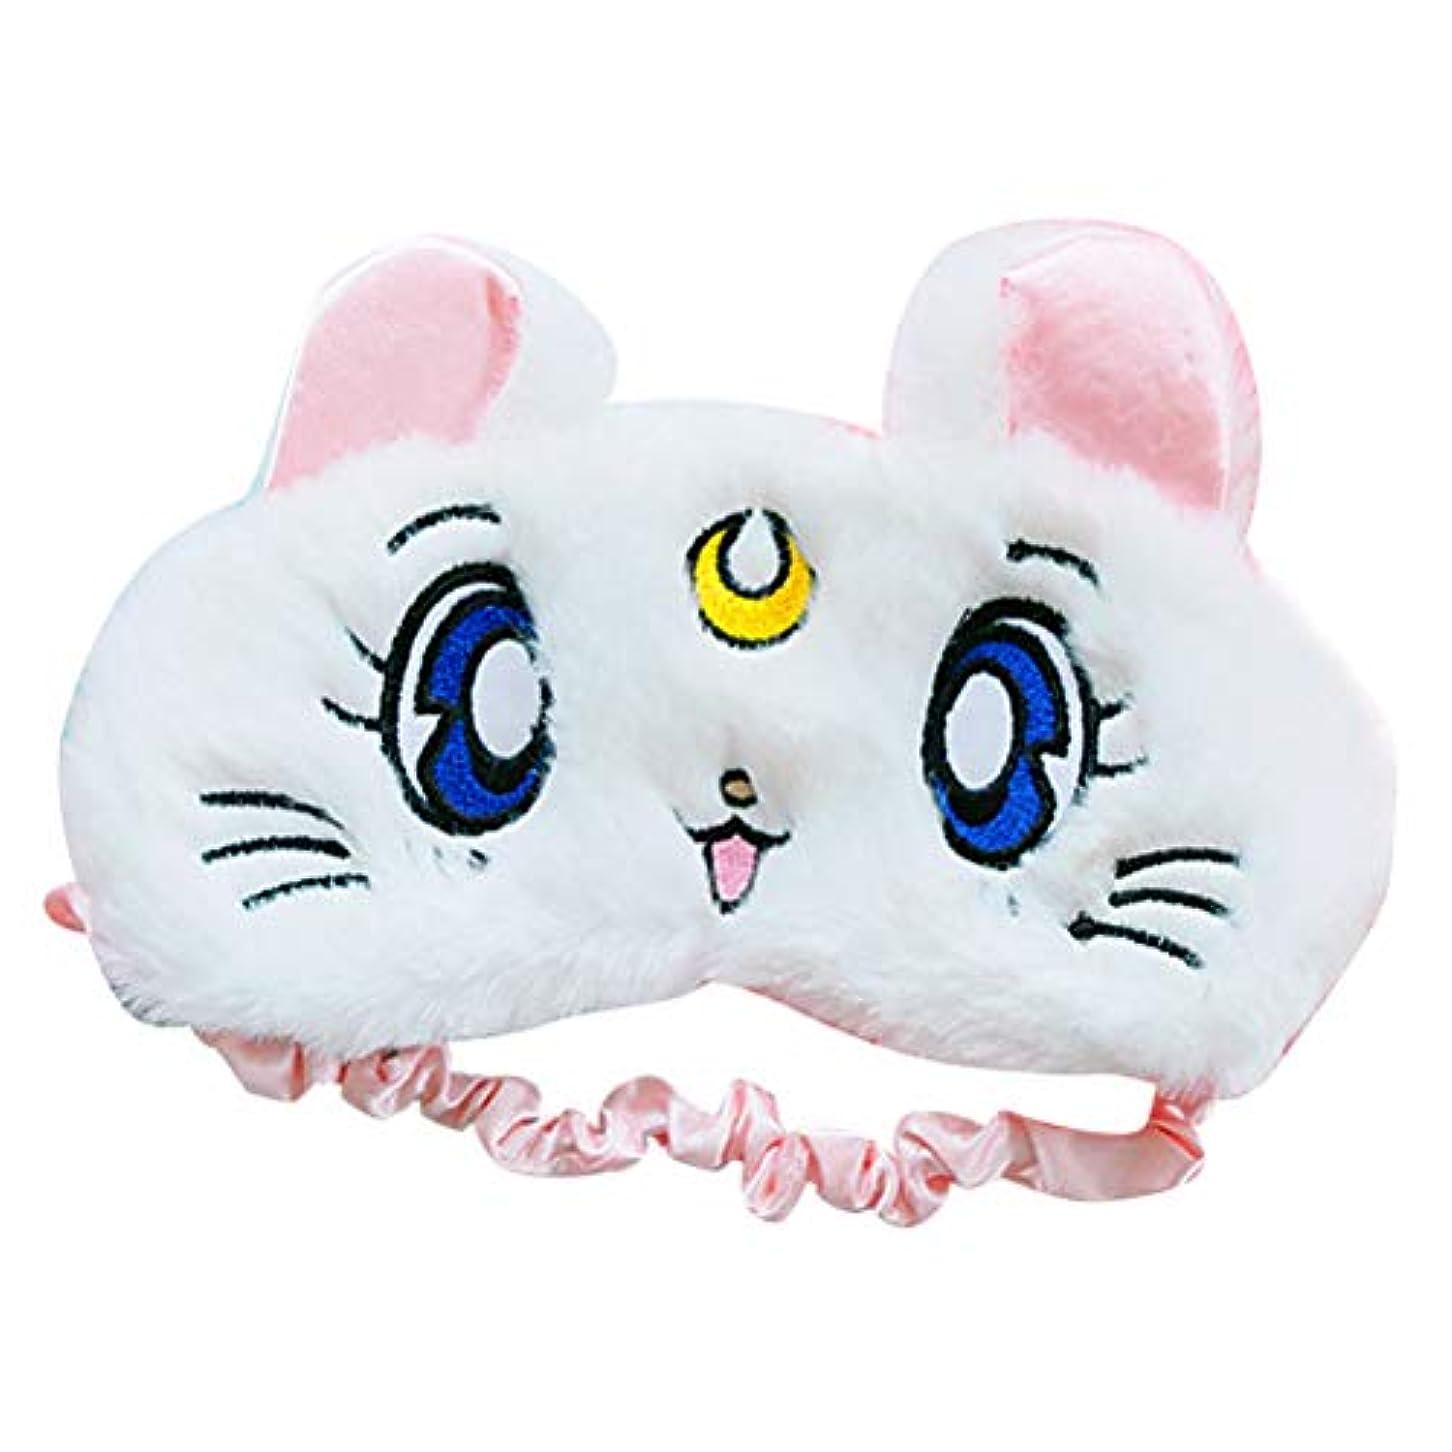 疲れた大ブローBSMEAN 猫の目マスクソフトぬいぐるみ睡眠通気性フード内蔵アイスパック漫画アイマスク、白